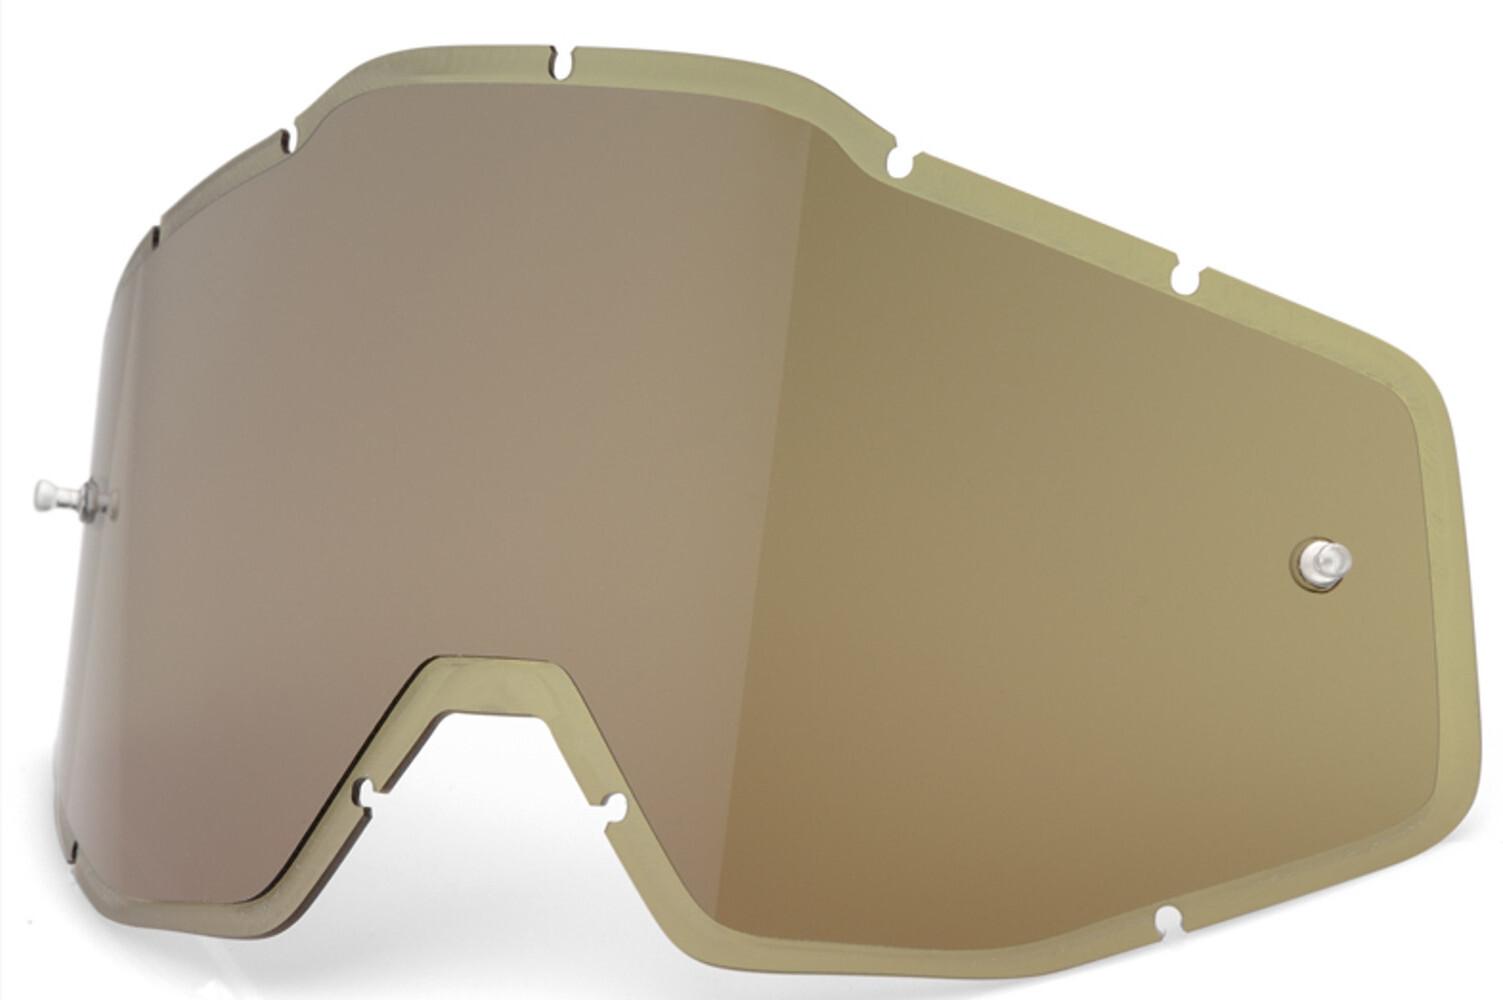 100% Injected HD Anti-Fog F. Injicerede linser Racecraft/Accuri/Strata, olive | Briller > Tilbehør